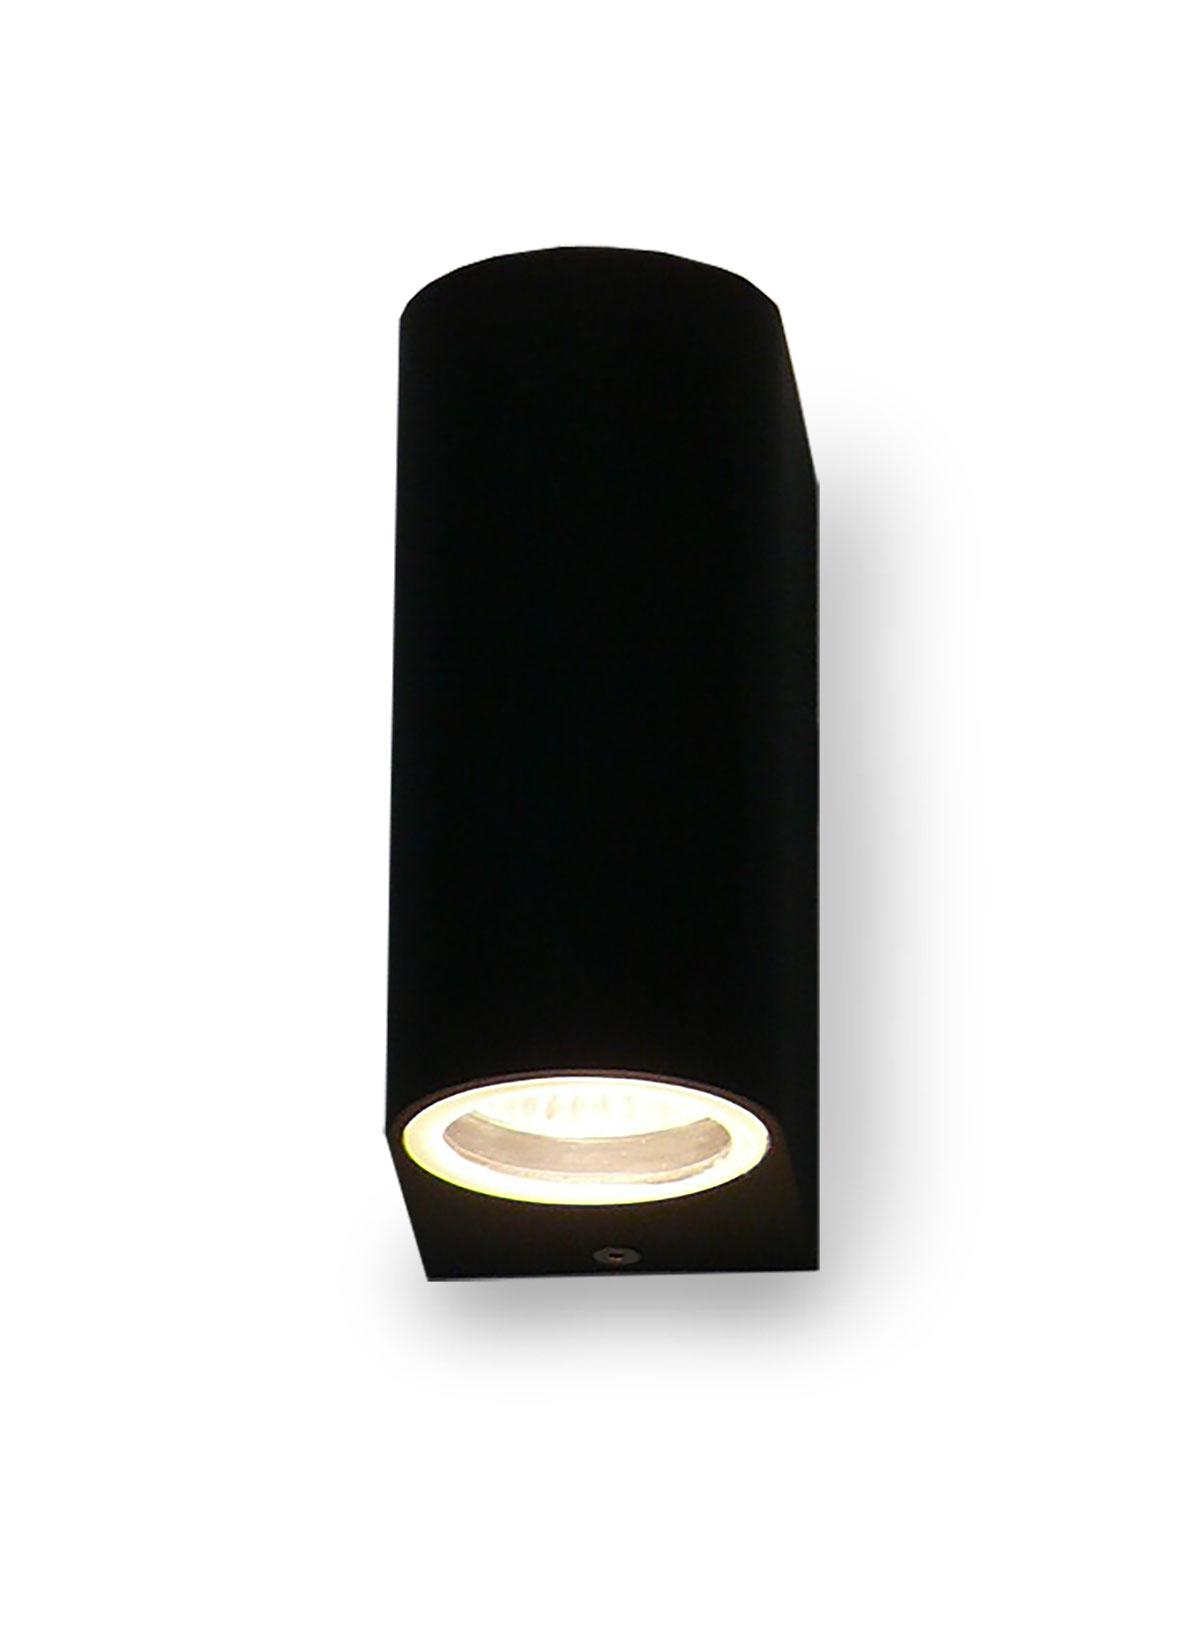 Applique UpDown noire pour extérieur + intérieur 2x GU10 10217